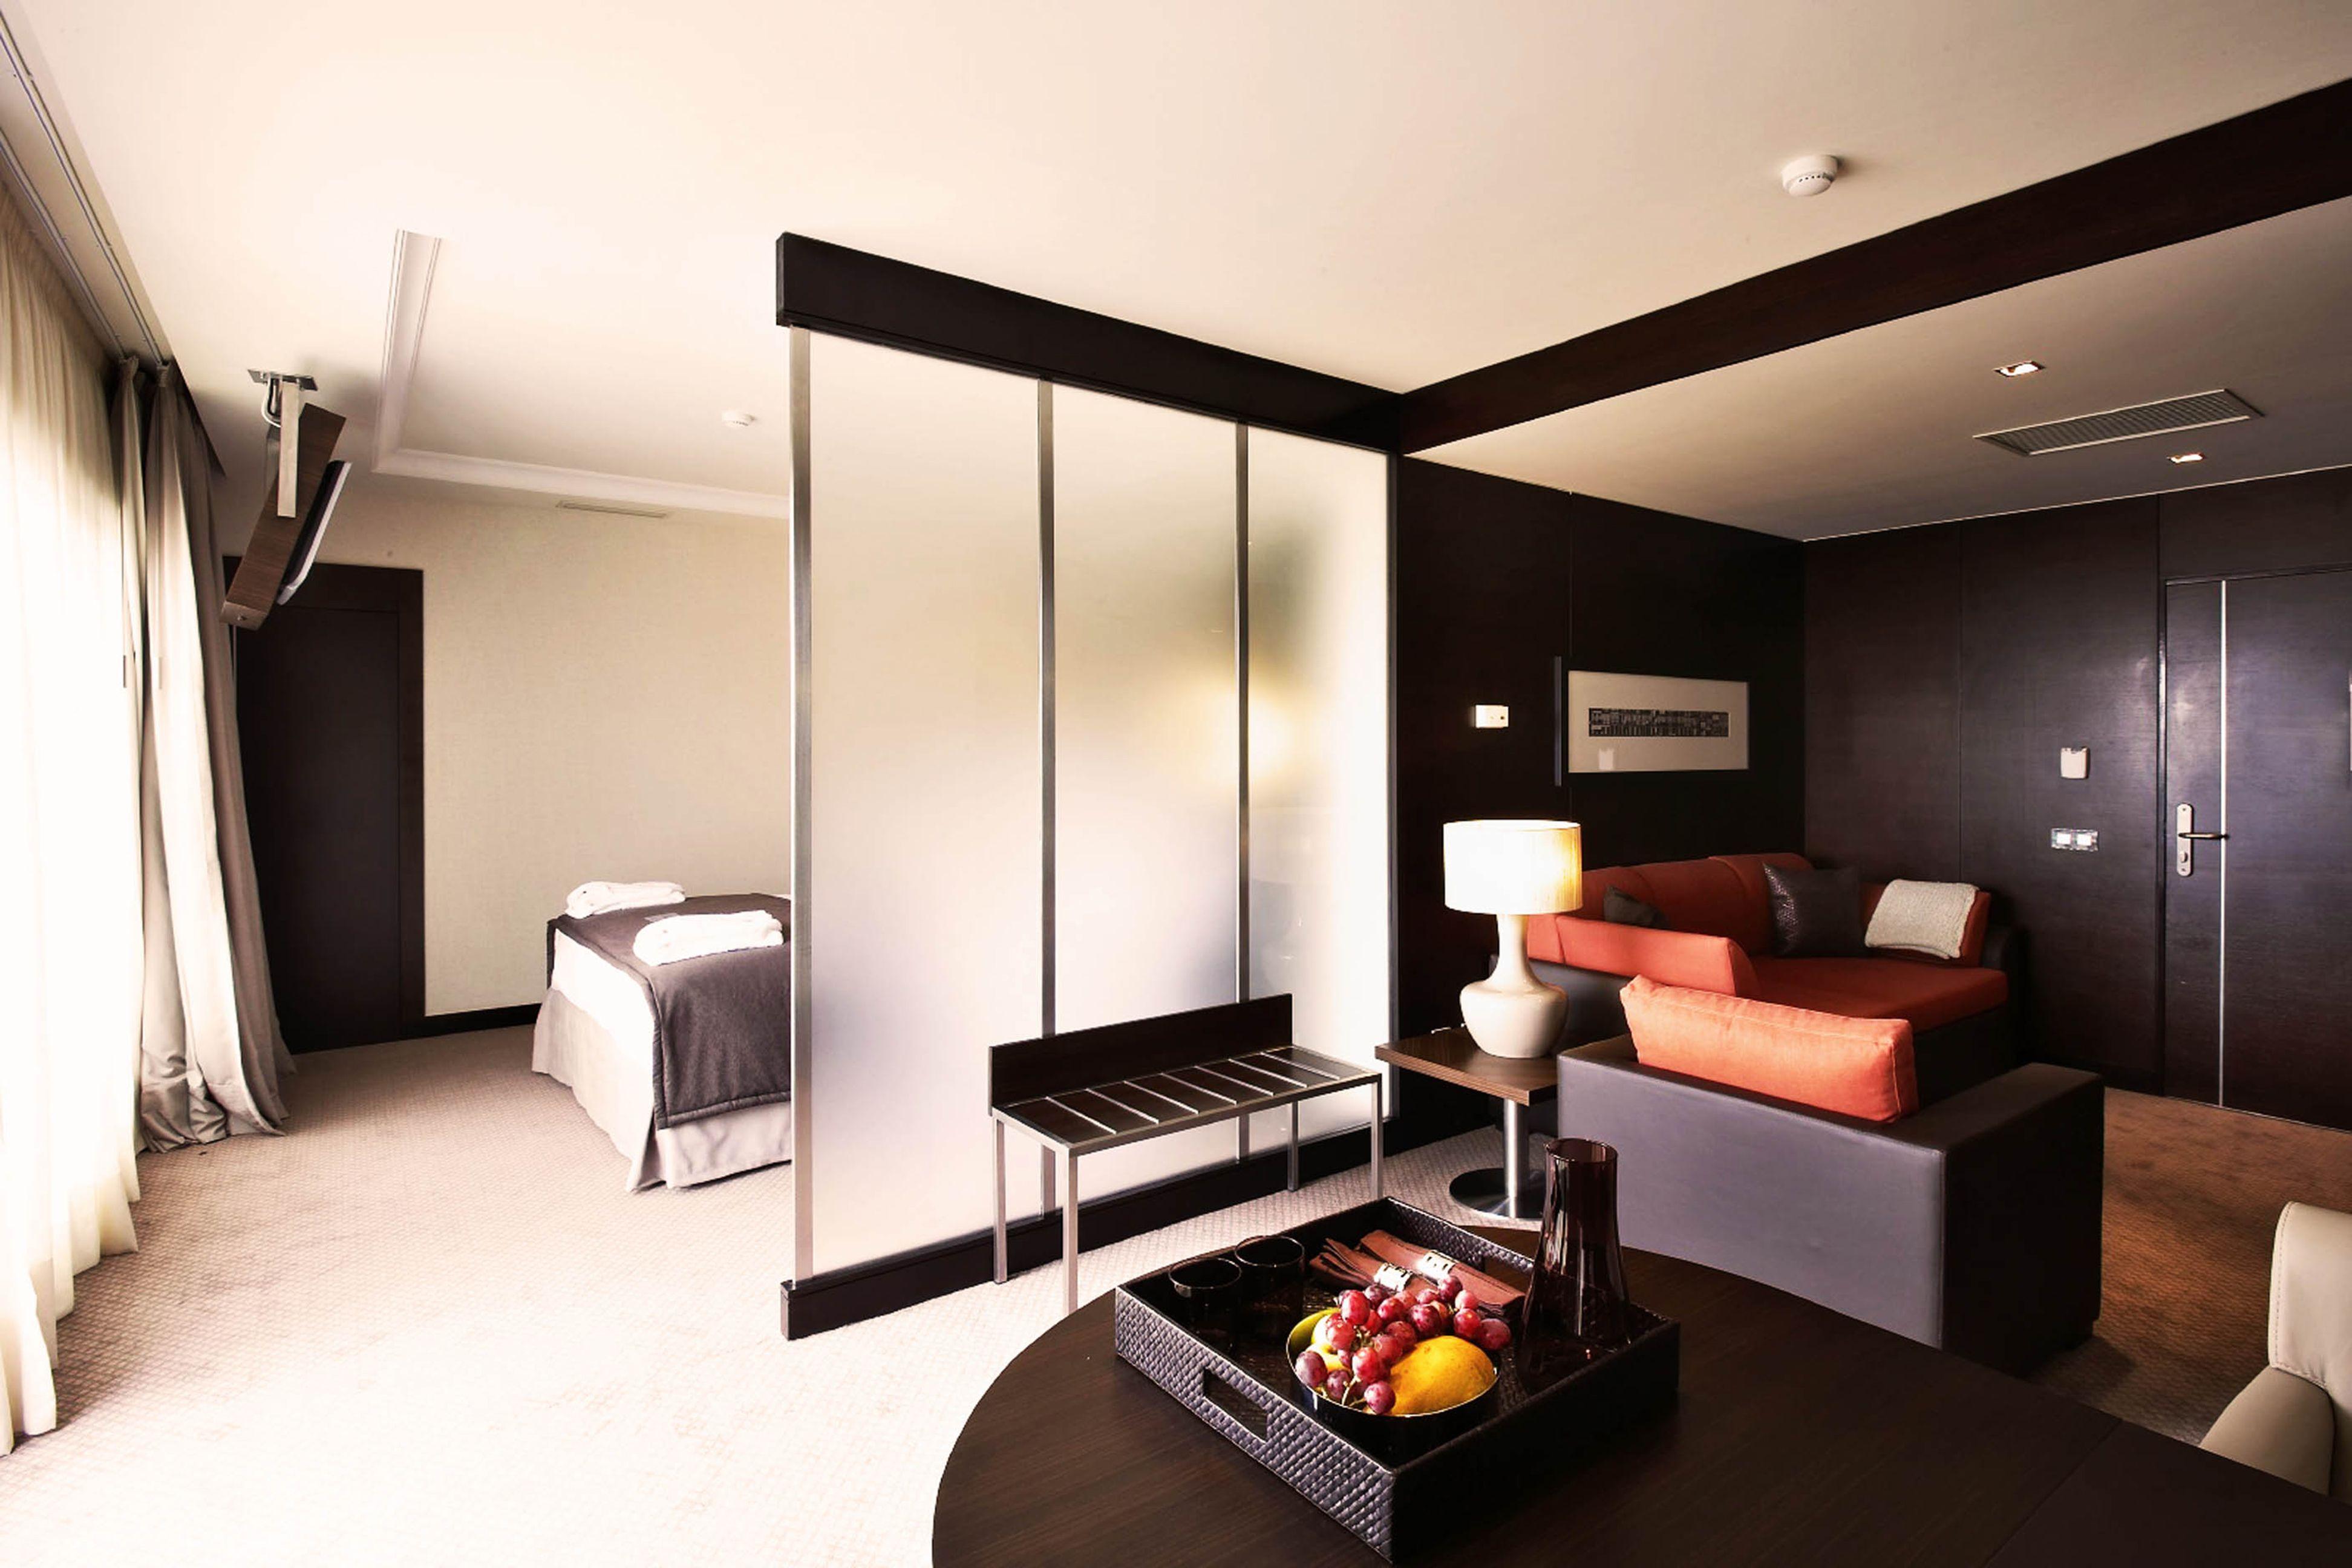 038_bessahotel_suite deluxe2